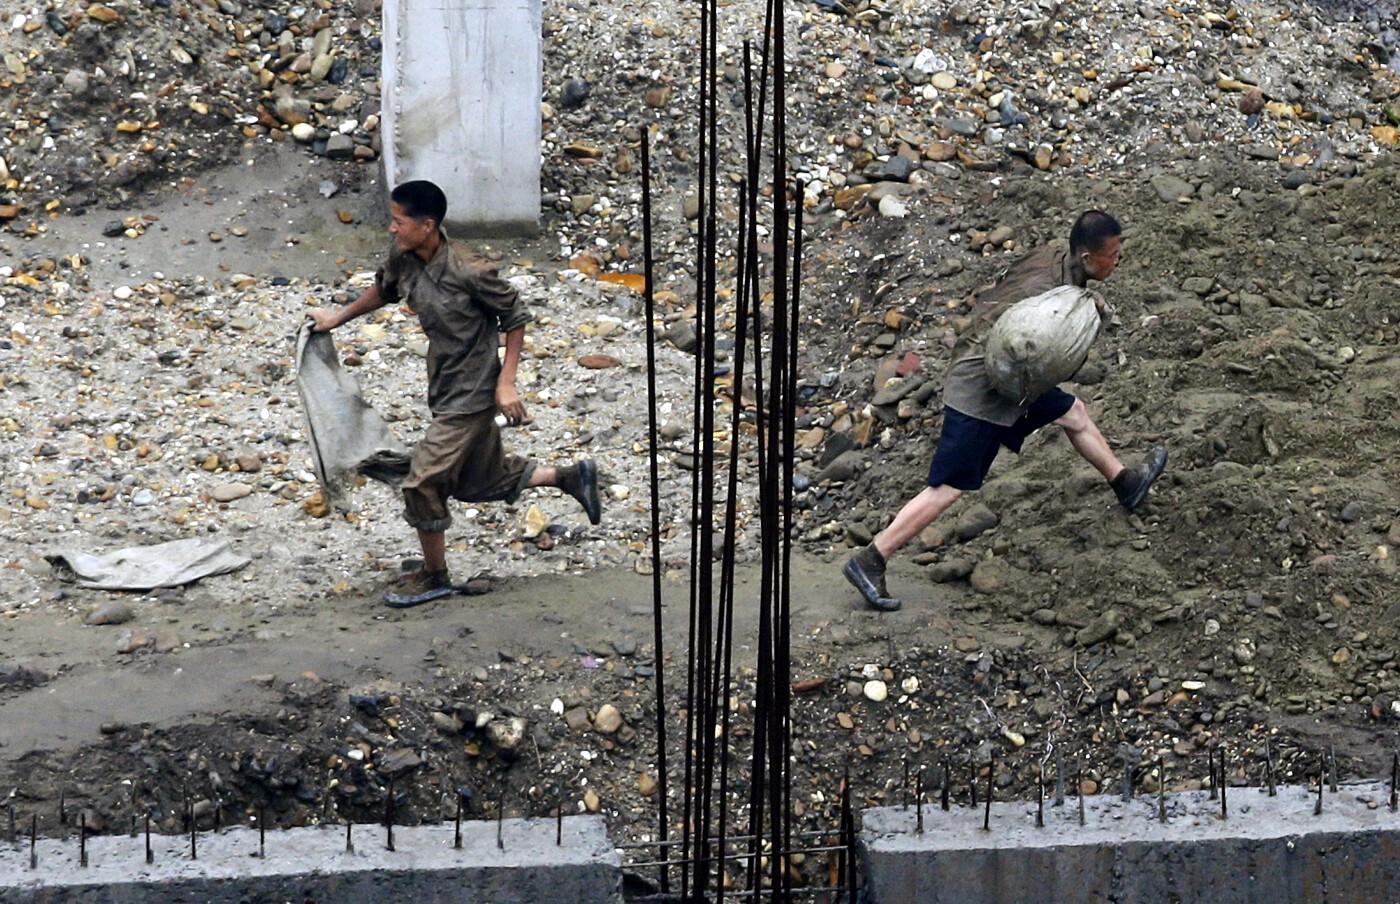 korea poverty